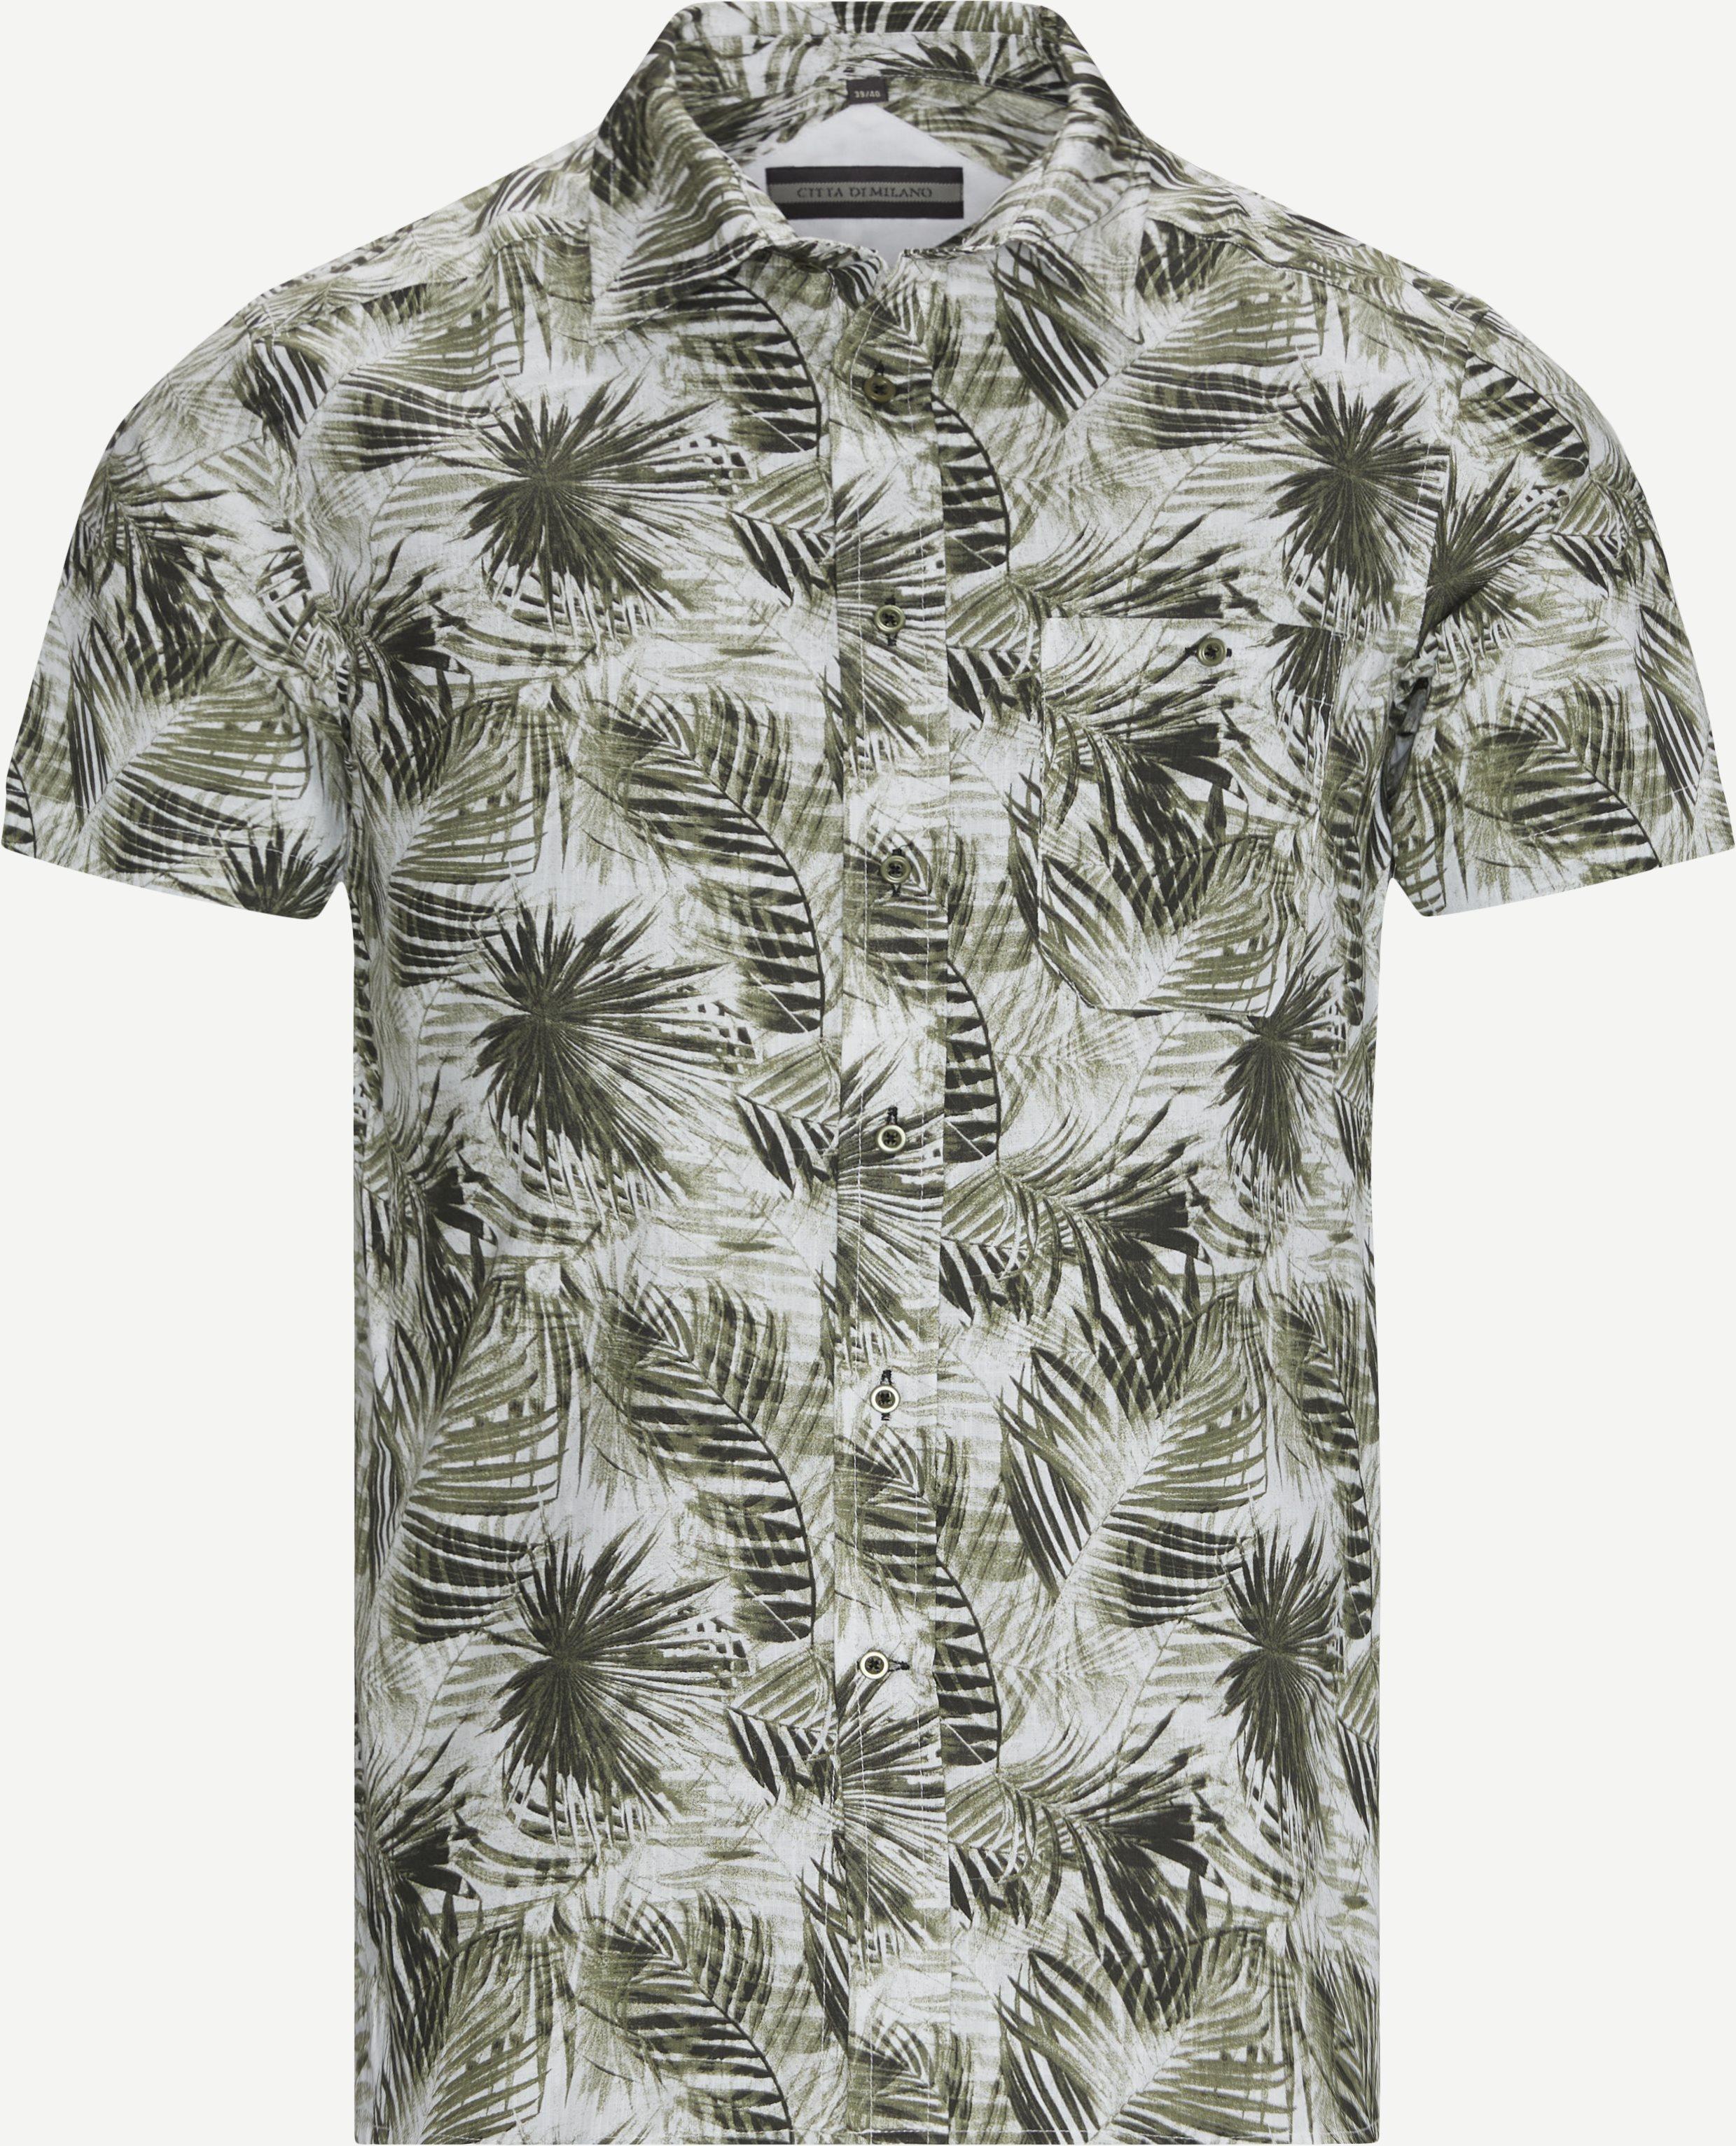 Gallen K/Æ Skjorte - Kortärmade skjortor - Regular fit - Armé